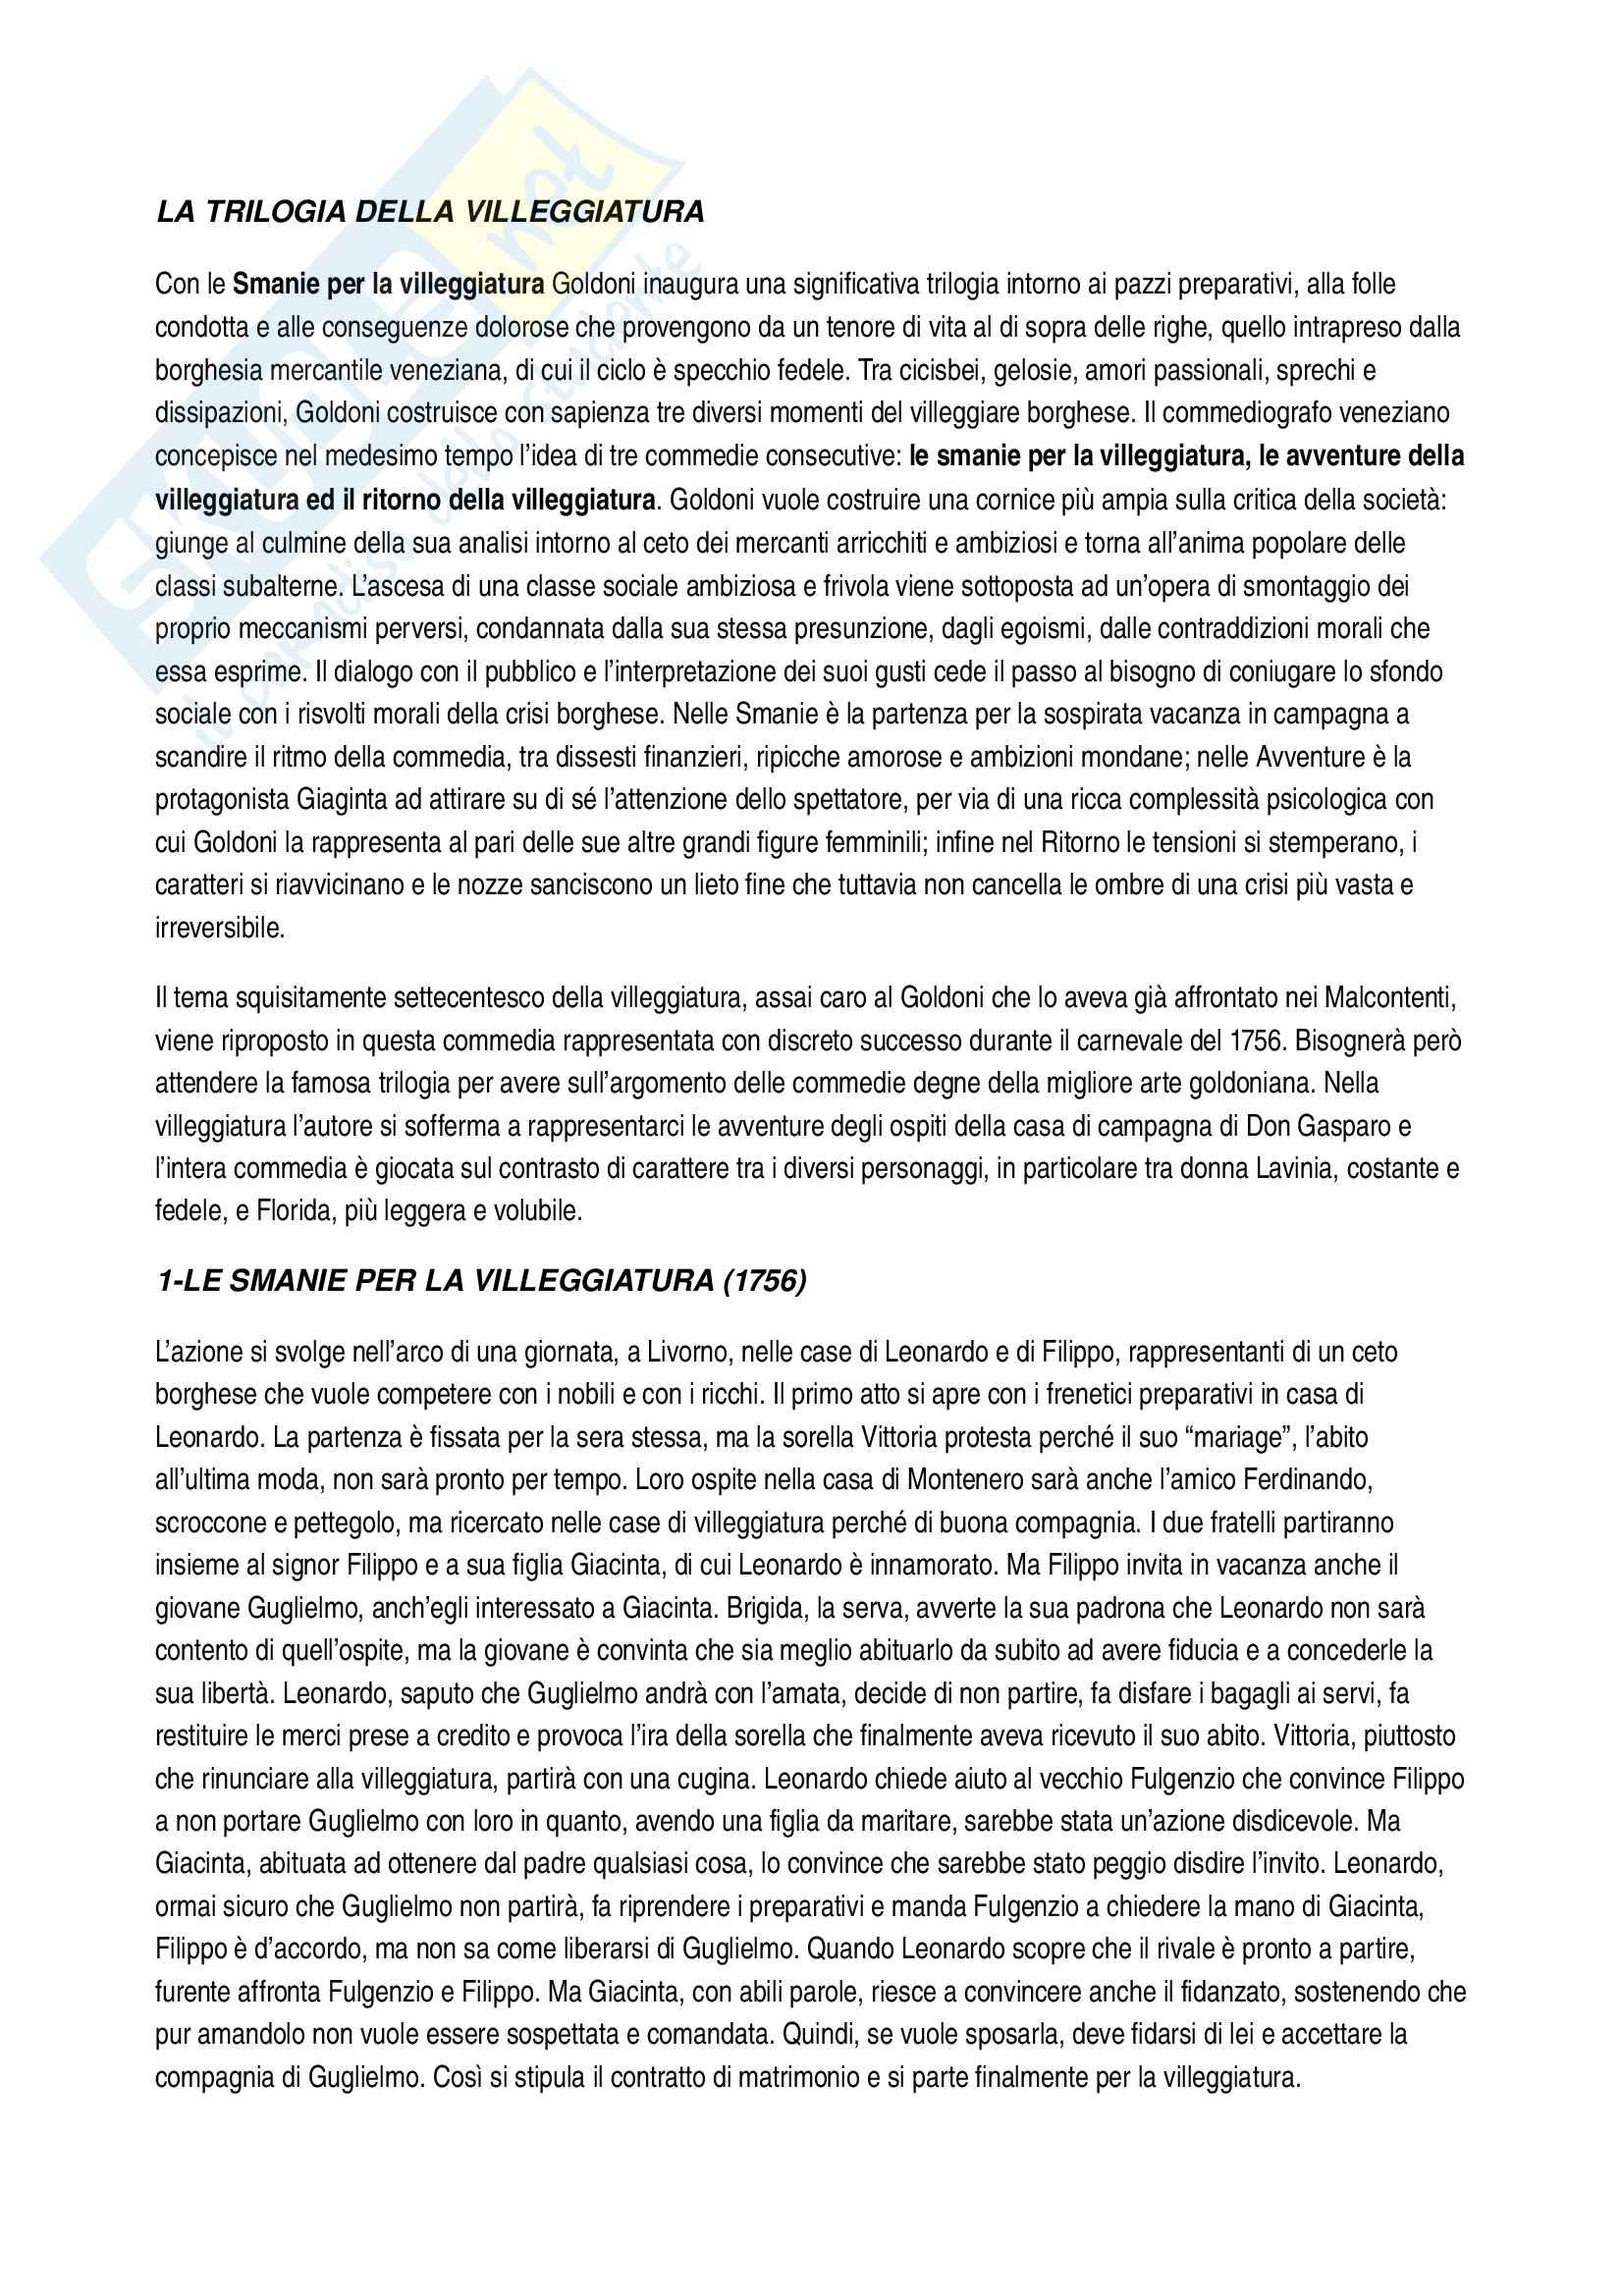 Carlo Goldoni Pag. 6